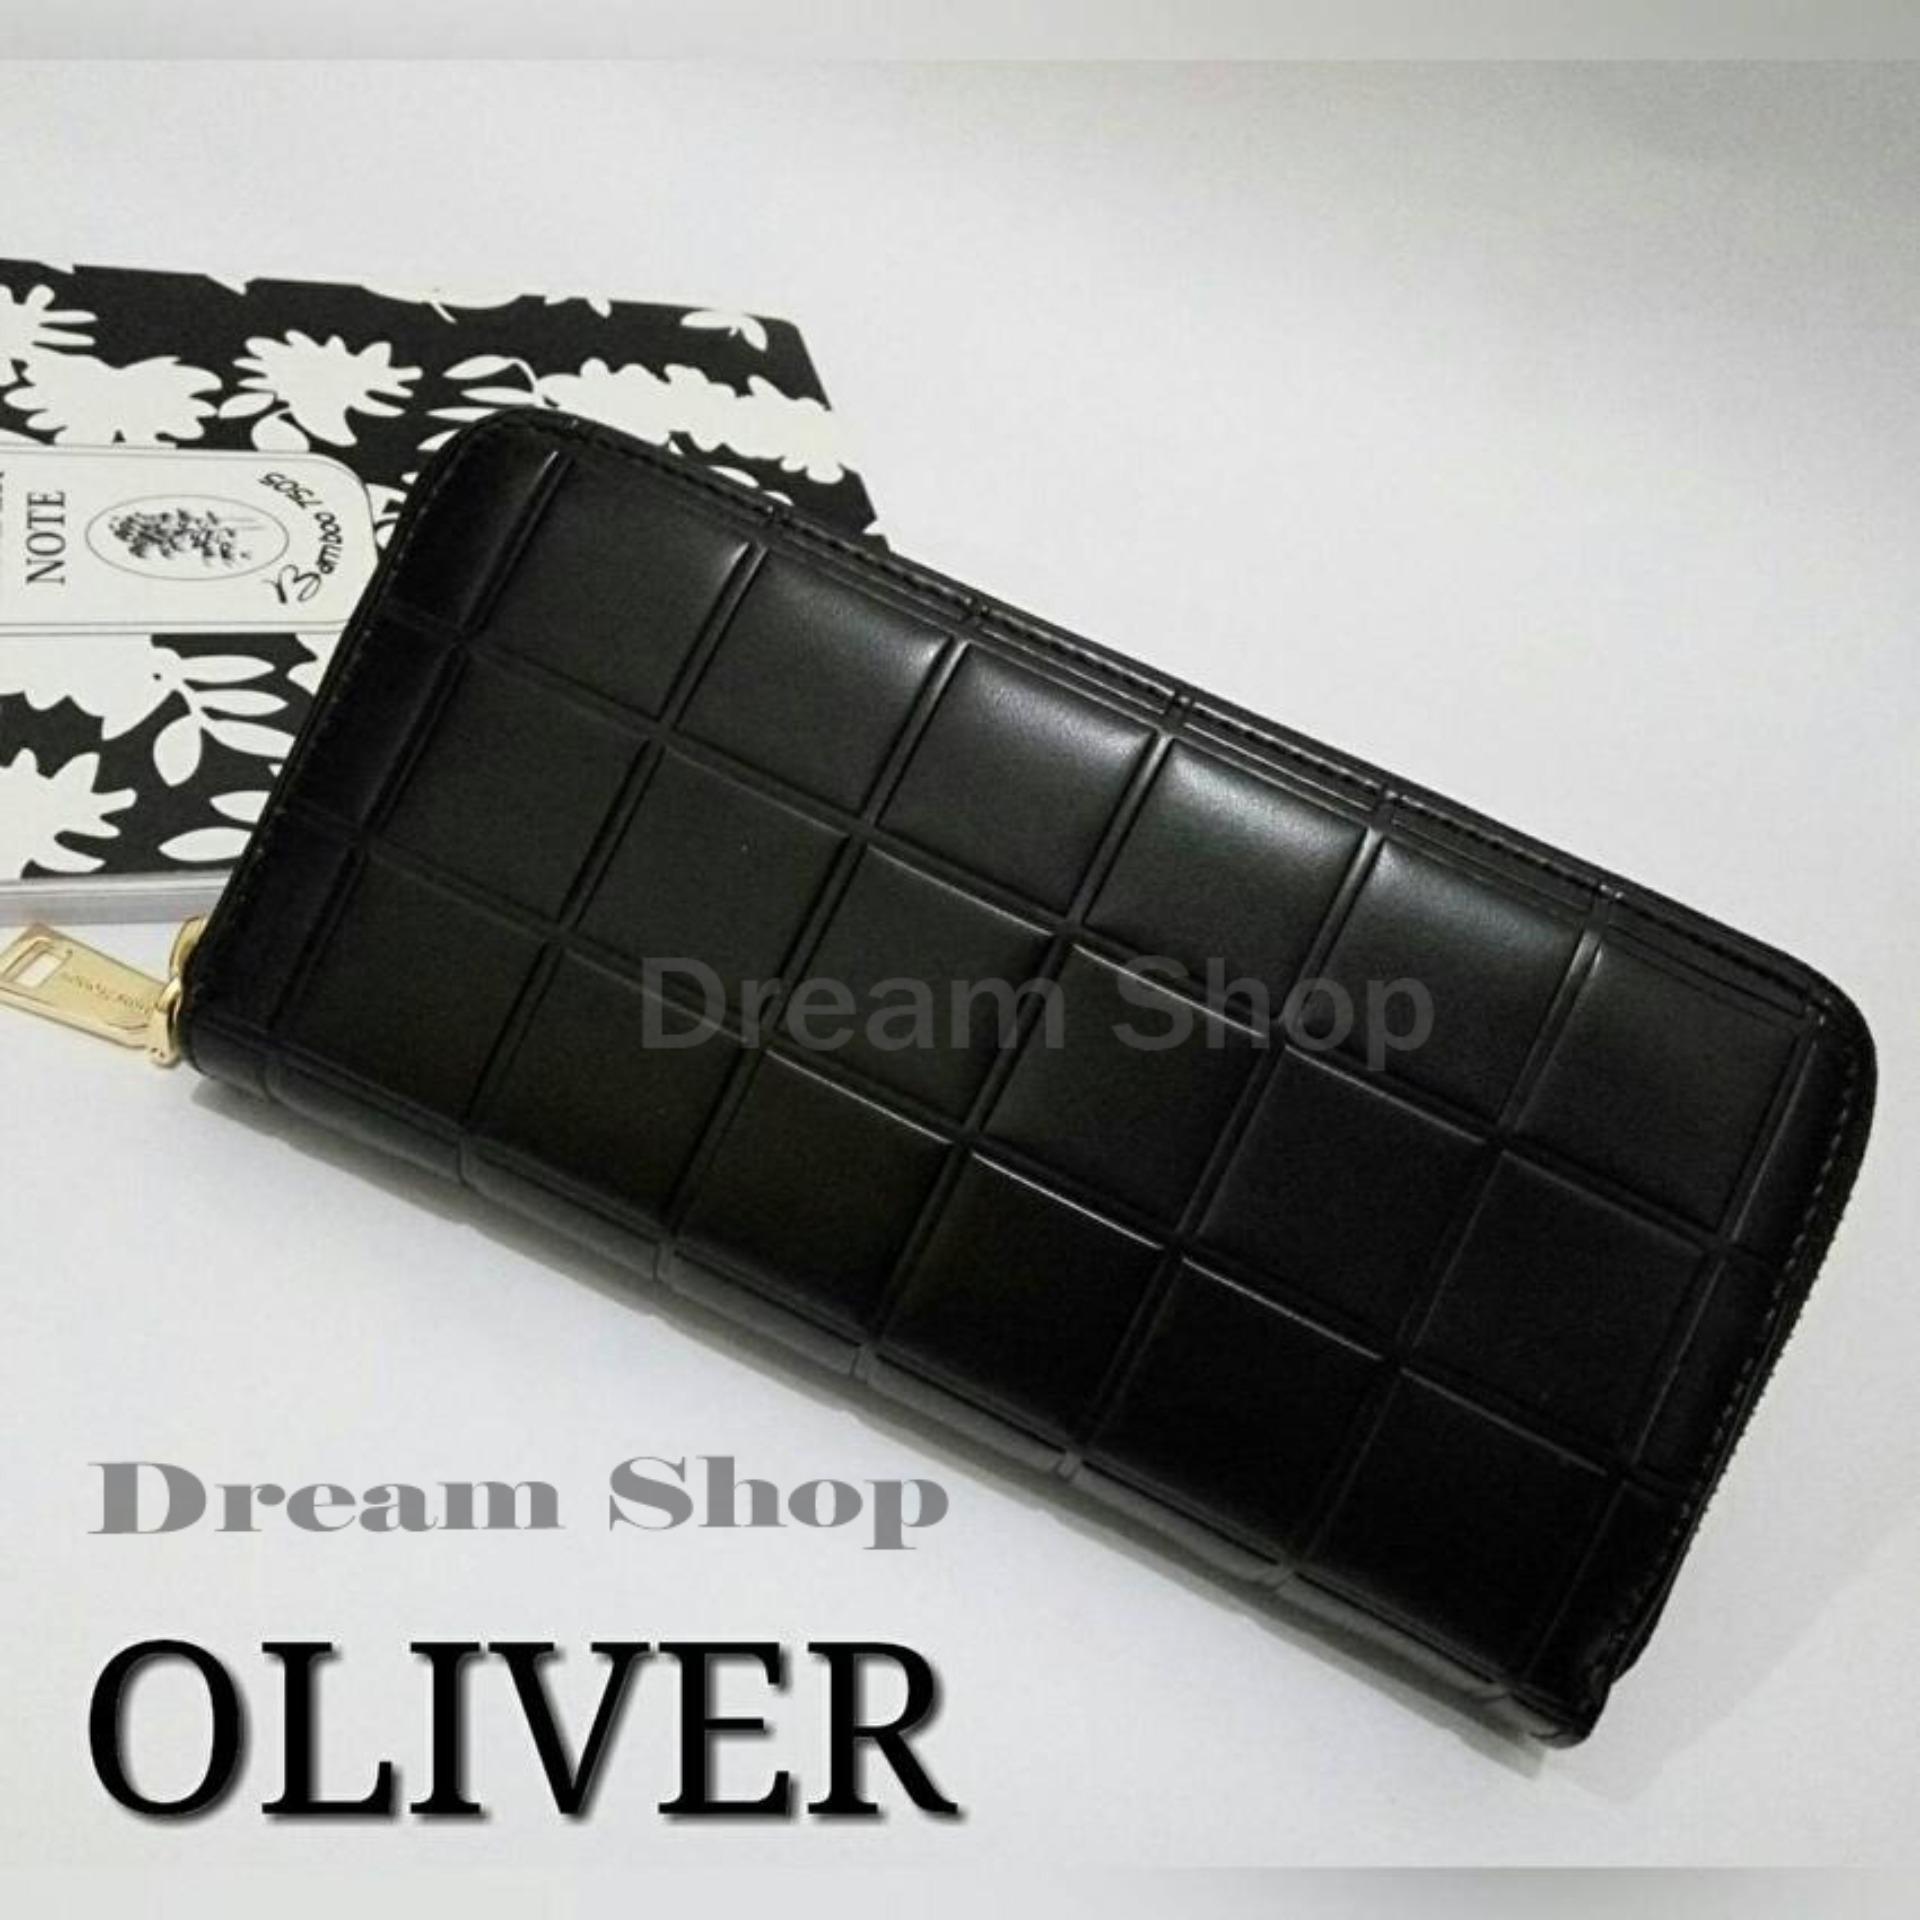 Bahan lembut dan enak dipakai Ori kulit Dompet Panjang Wanita Murah -  Oliver Wallet - Dream Shop  Black  4c2c8702c2